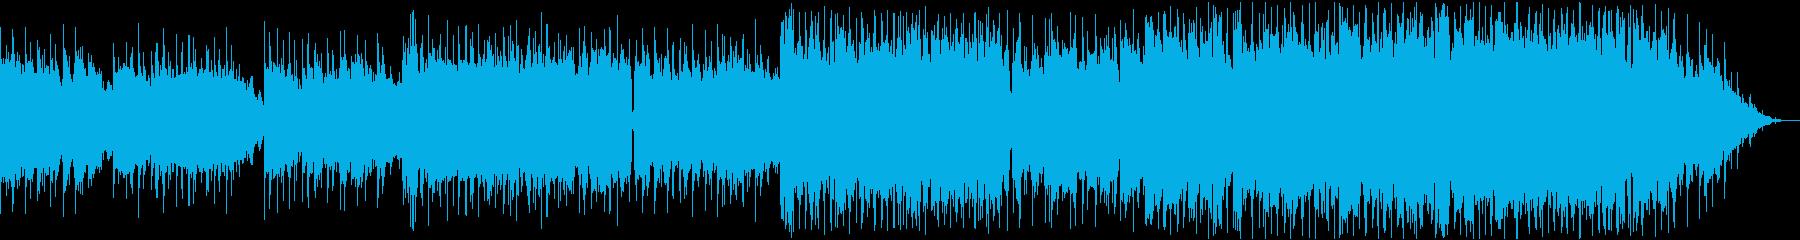 ピアノリードの軽快で温かいポップスの再生済みの波形